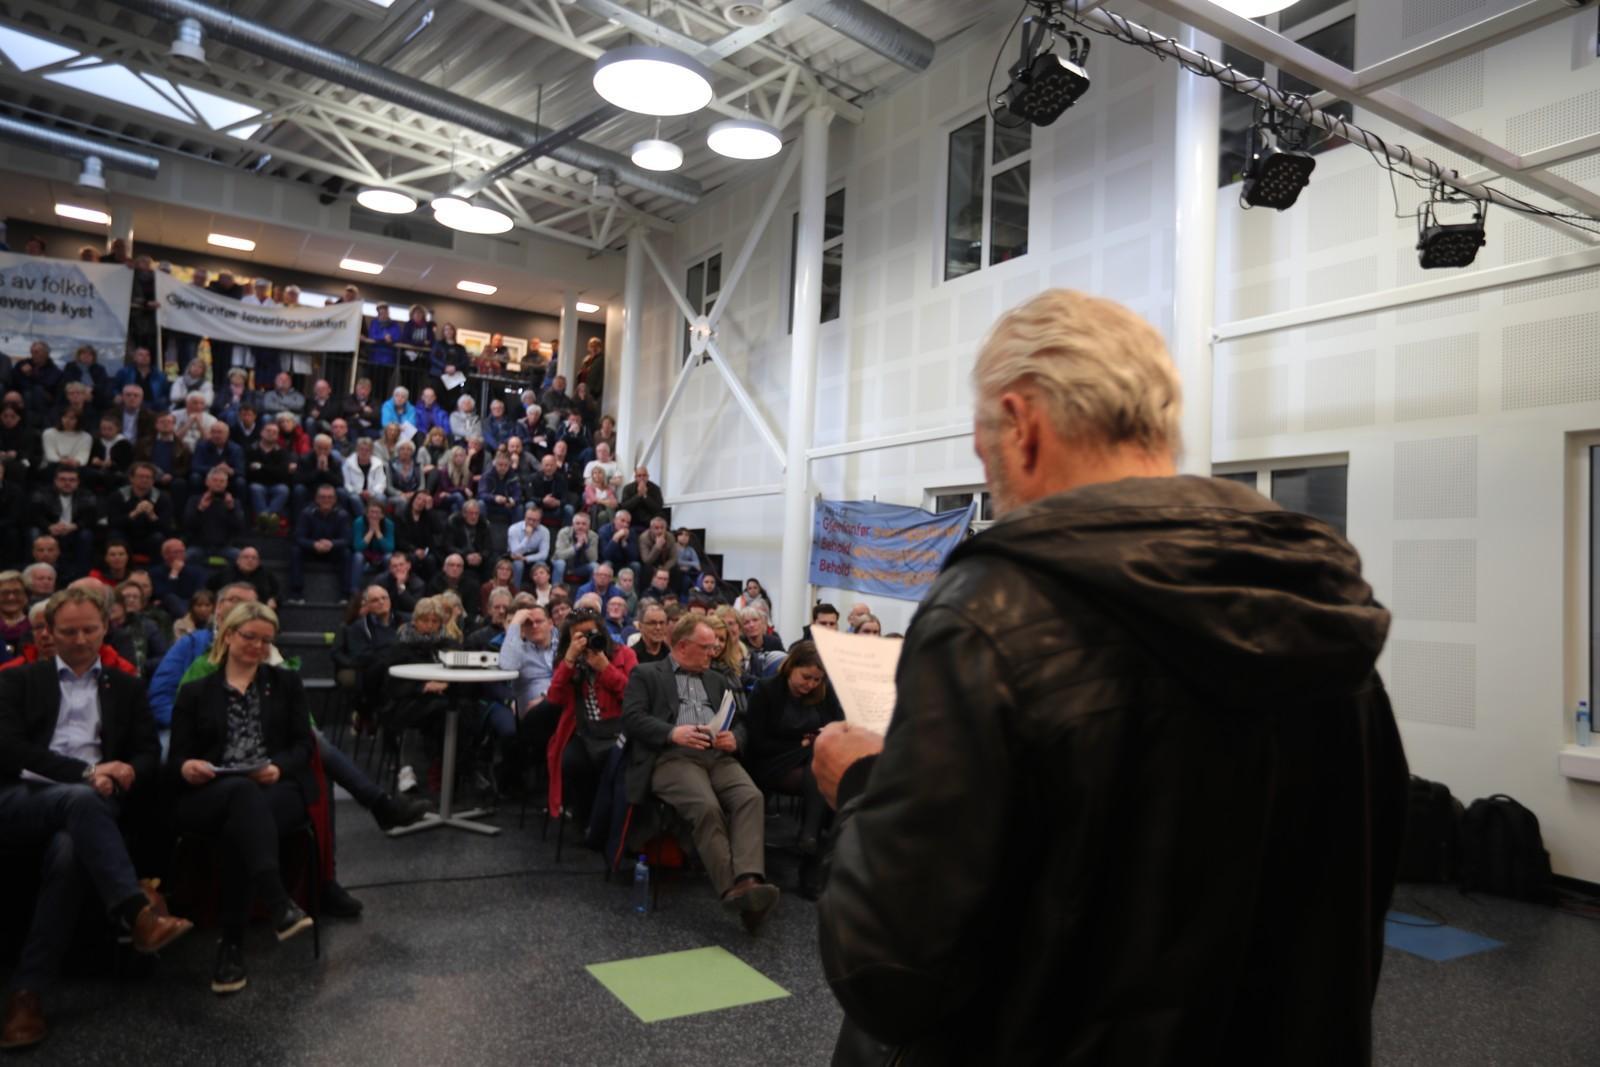 Mange tok turen for å høre Per Sandberg i kveld.